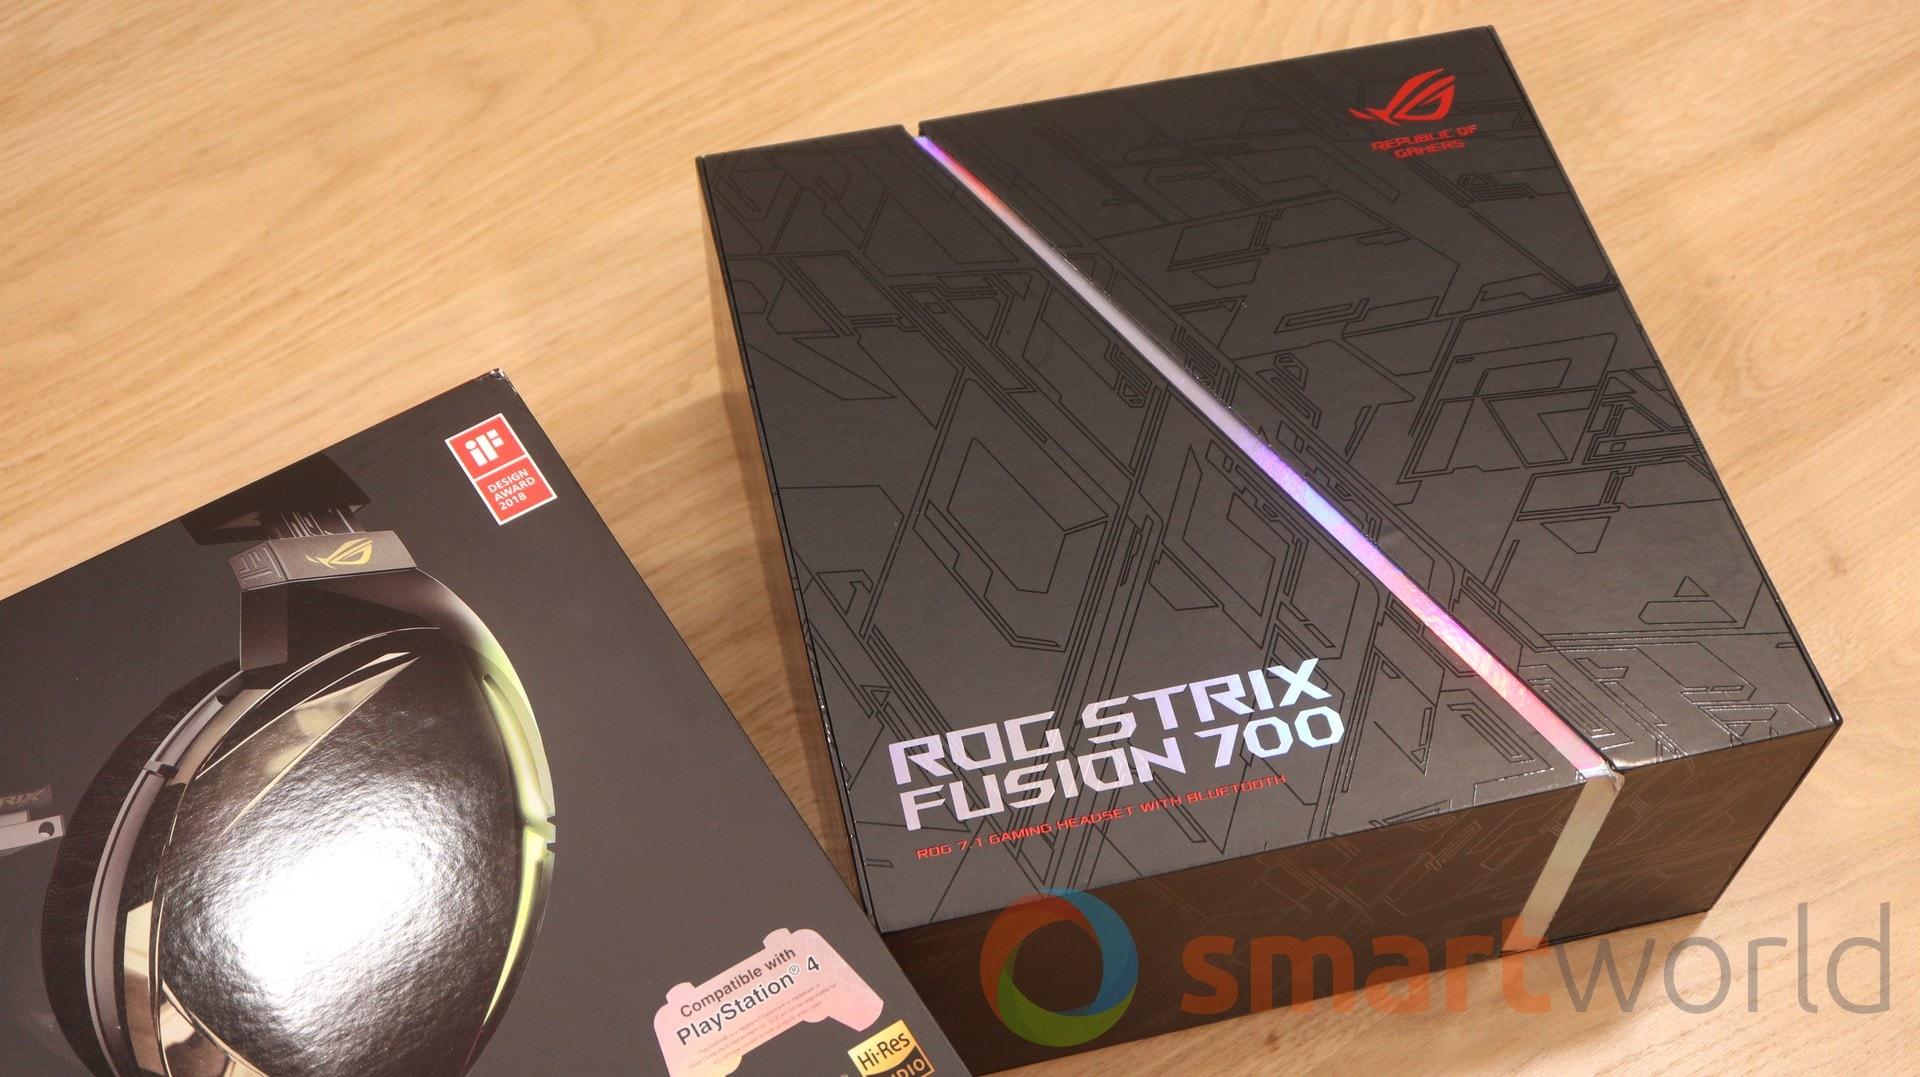 Recensione ASUS ROG Strix Fusion 700 (3)